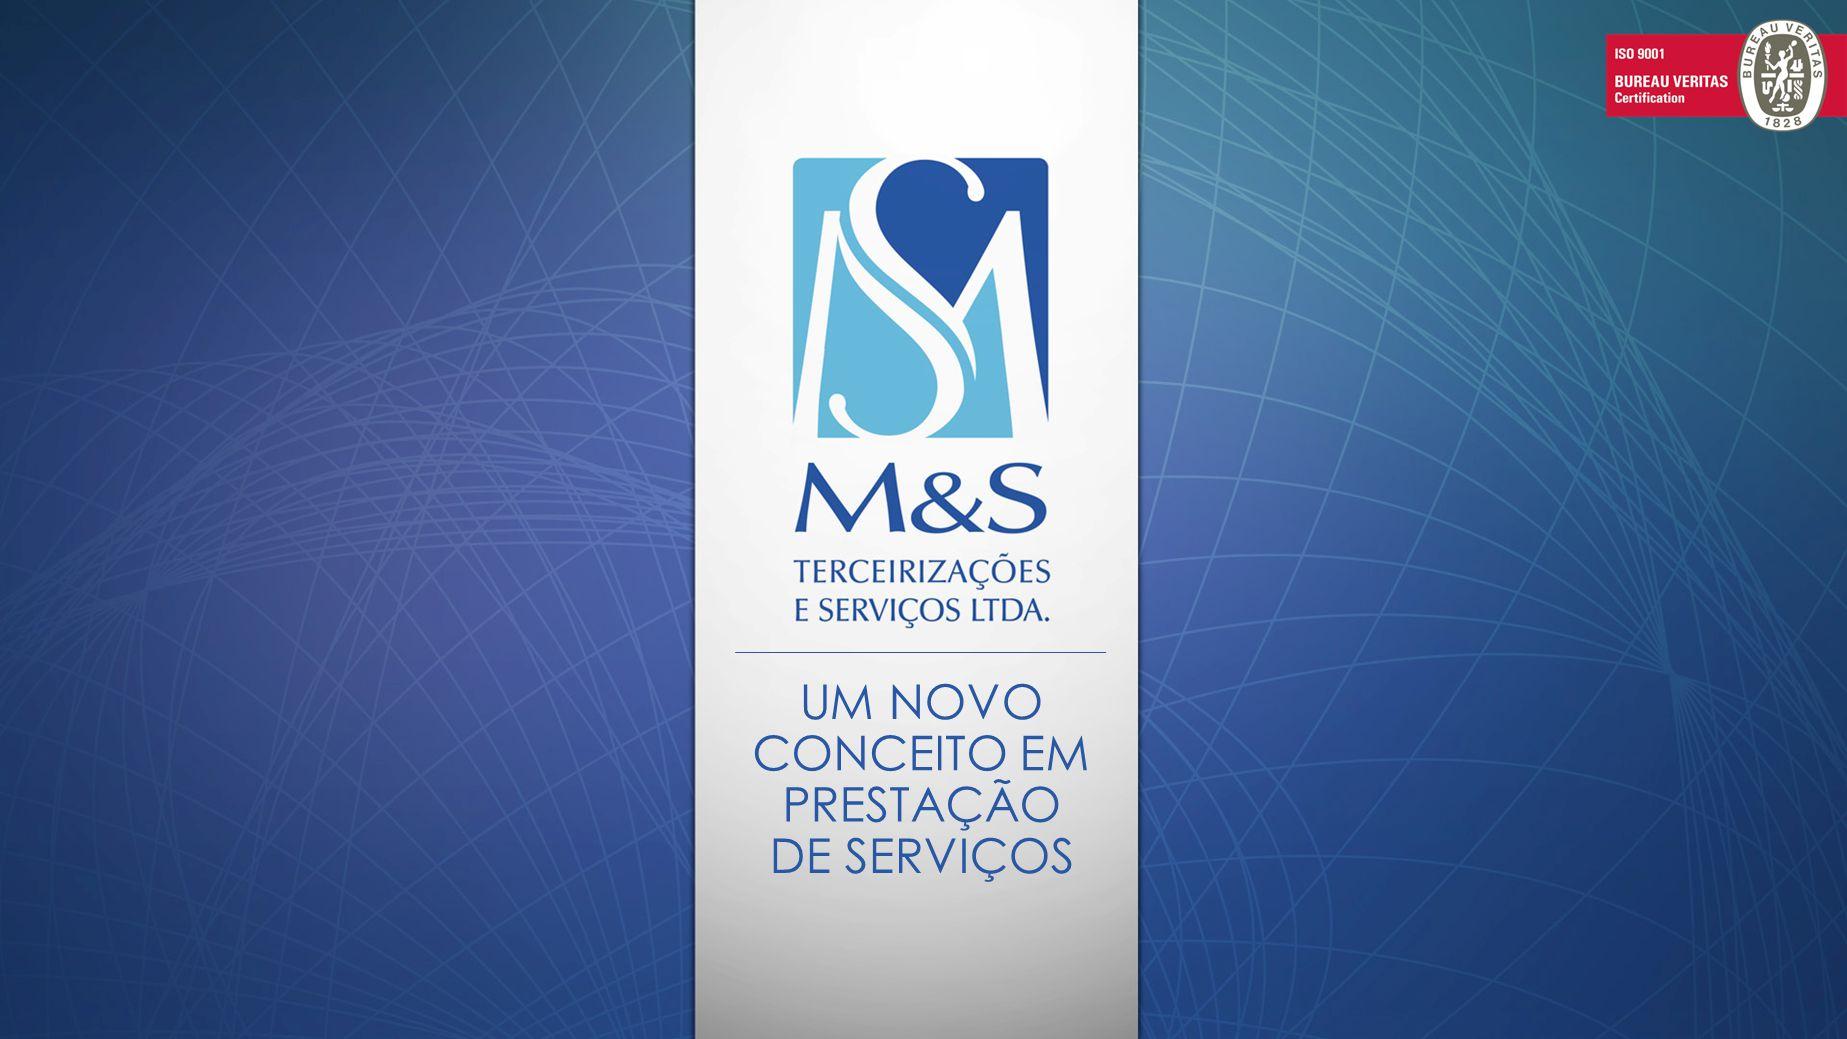 M&S TERCEIRIZAÇÕES Atuamos no gerenciamento e administração de atividades terceirizadas.